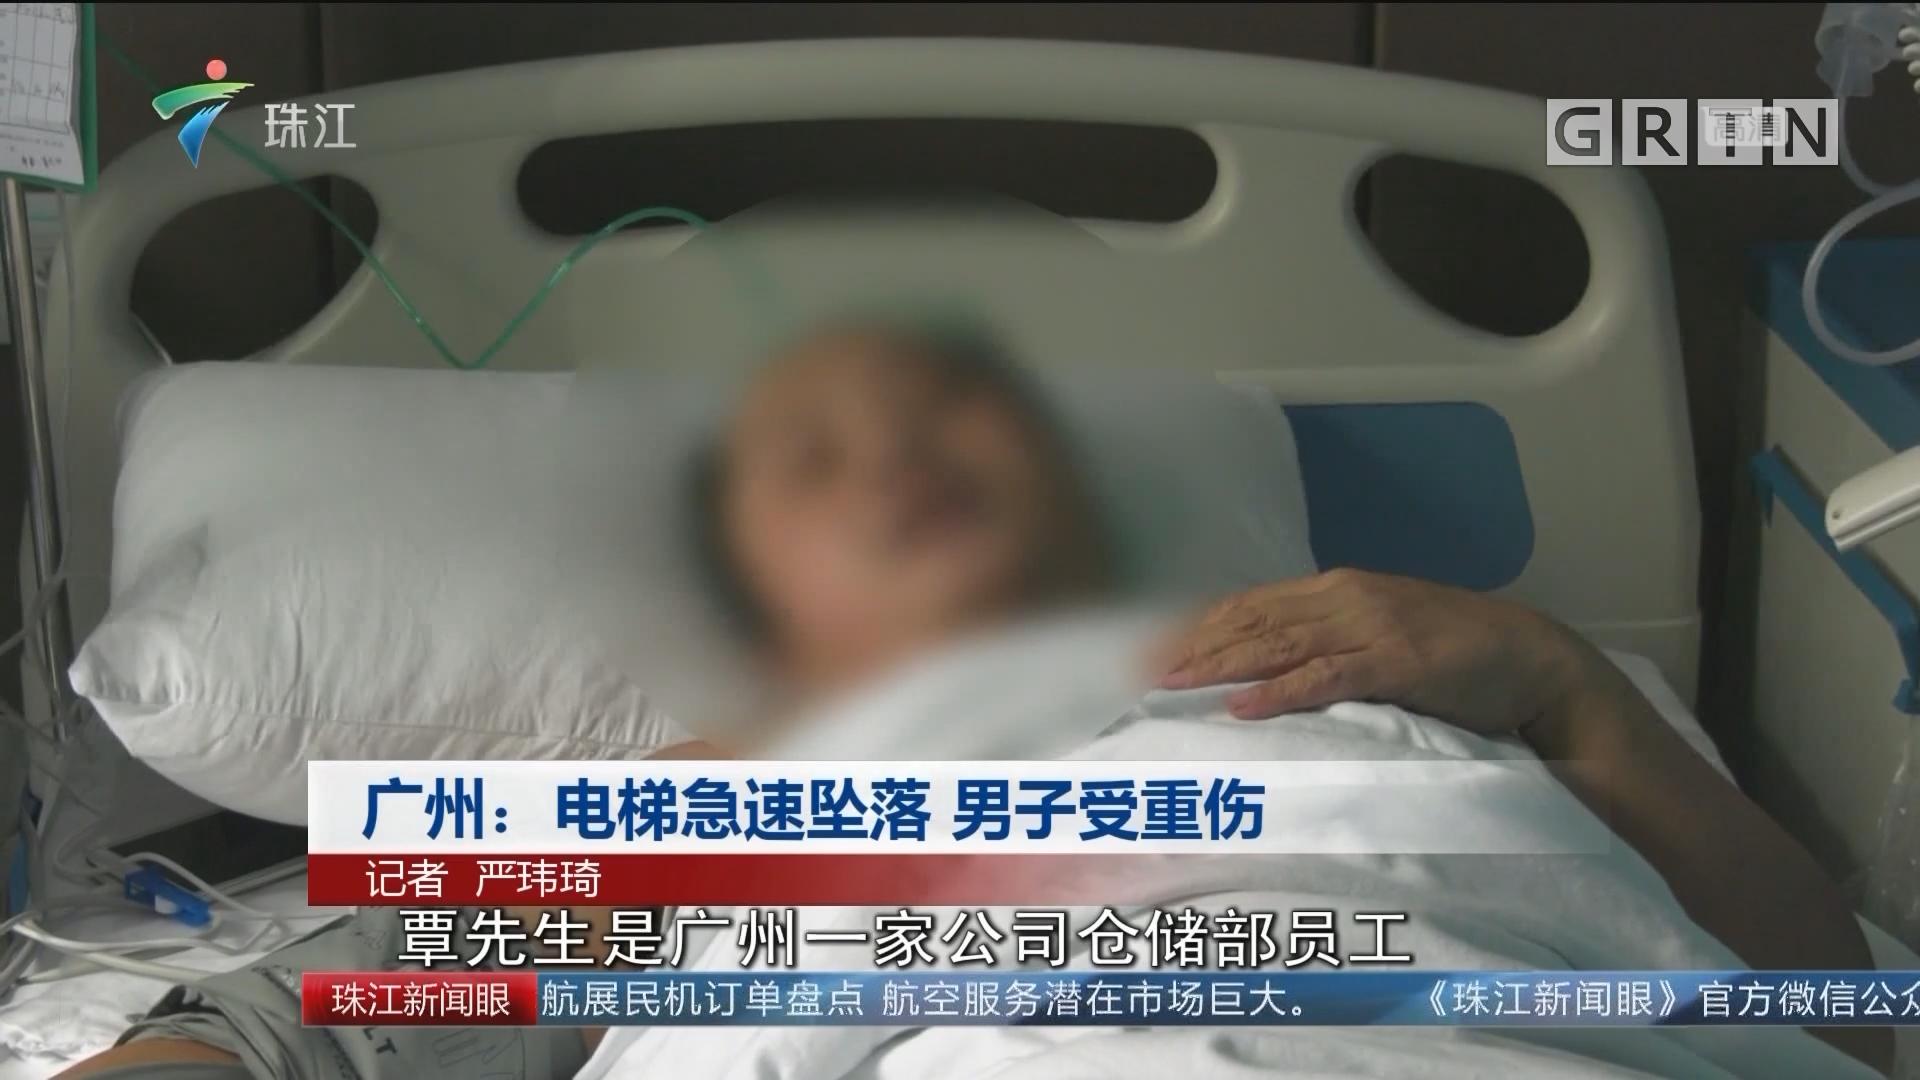 广州:电梯急速坠落 男子受重伤